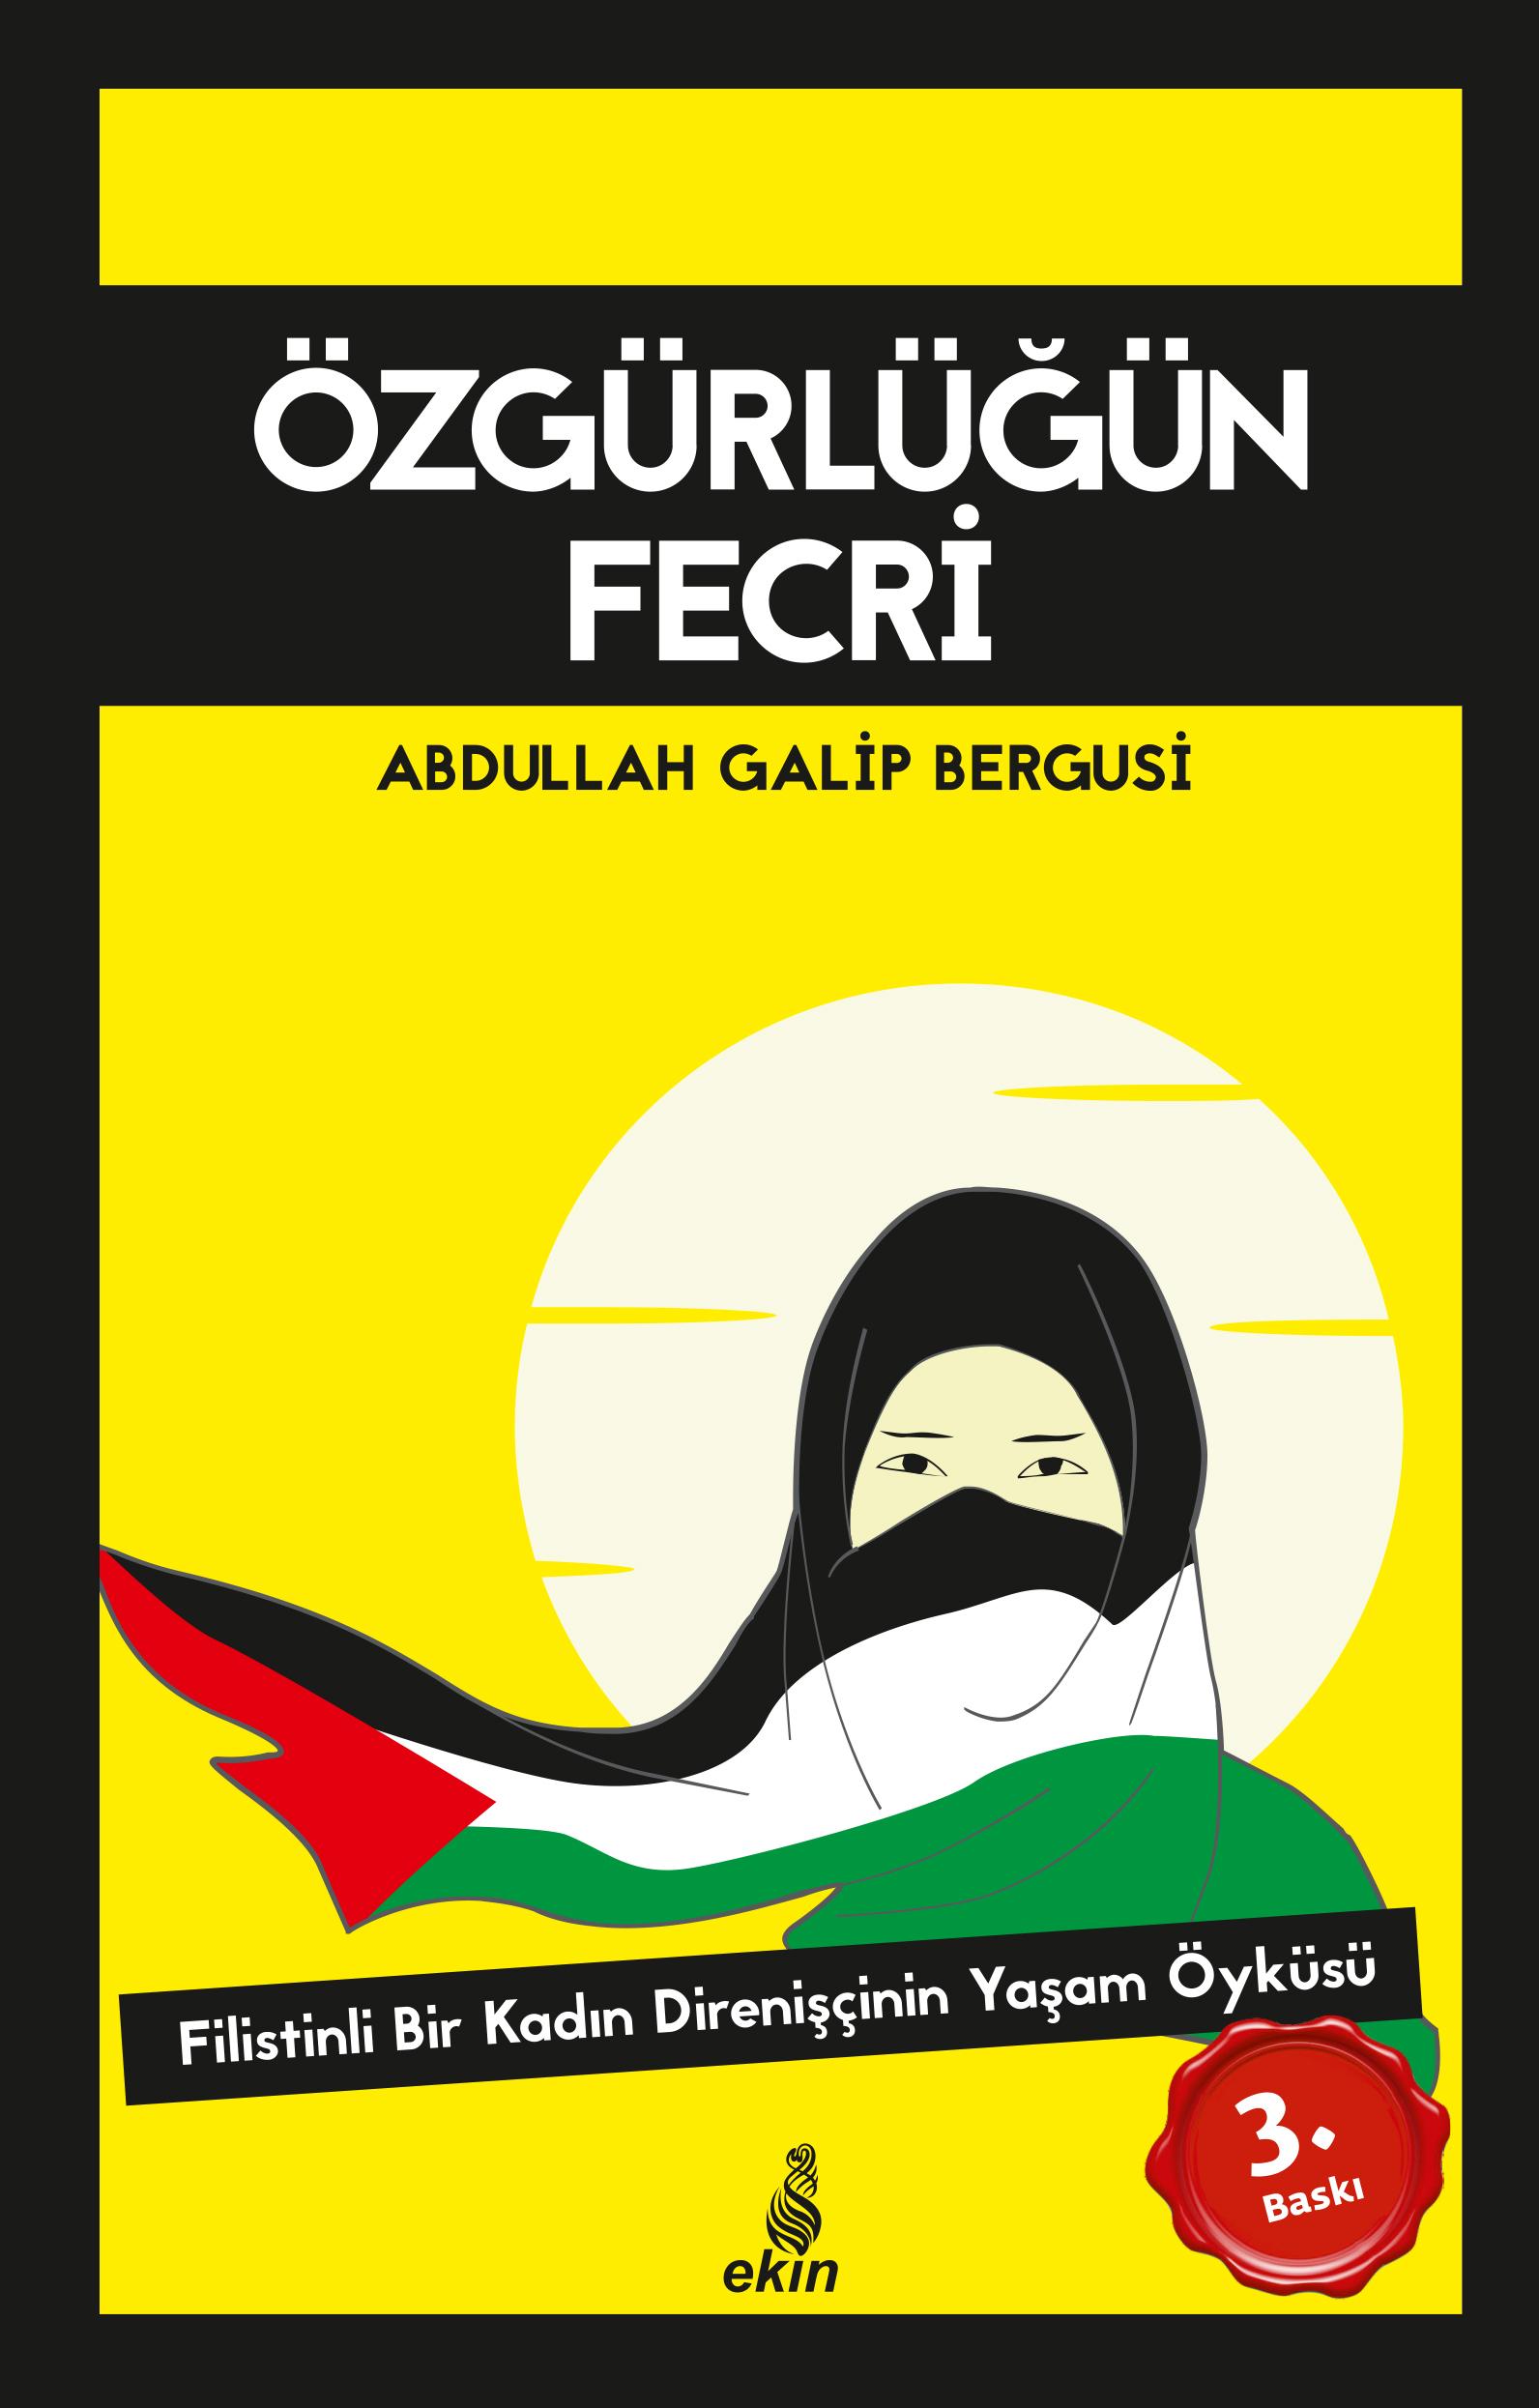 özgürlüğün-fecri-kapak3-1-(1).jpg